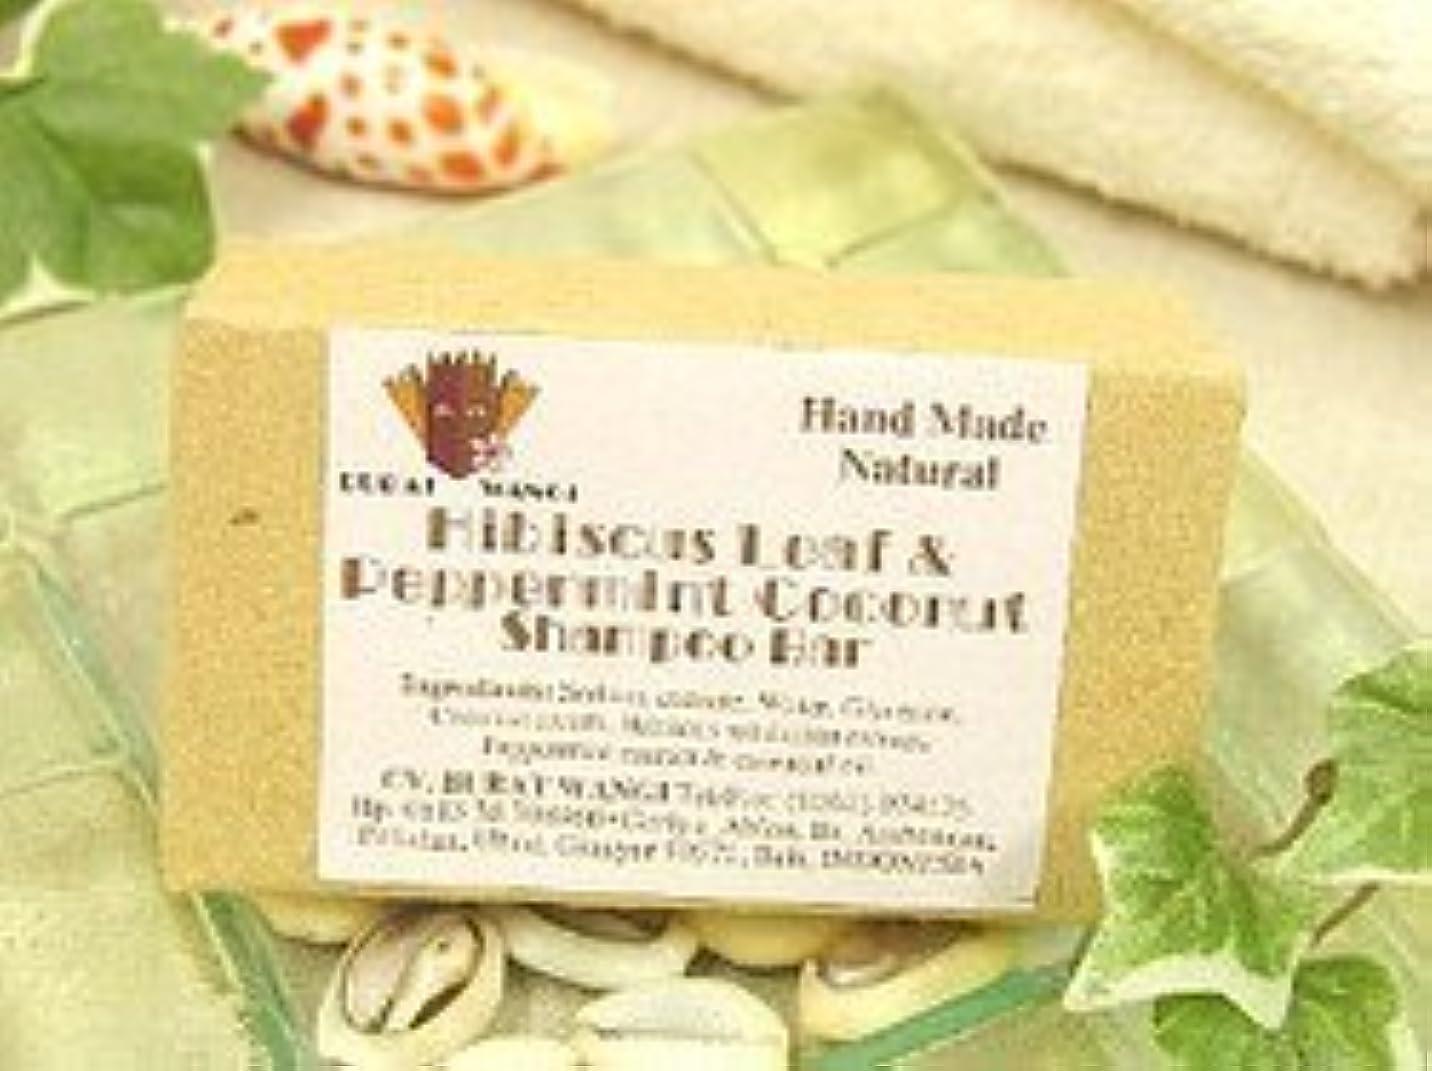 余分な白いくまココナッツ 石鹸 シャンプーバー ブラットワンギ 手作り 純石鹸 ハイビスカスリーフ&ペパーミント アジアン雑貨